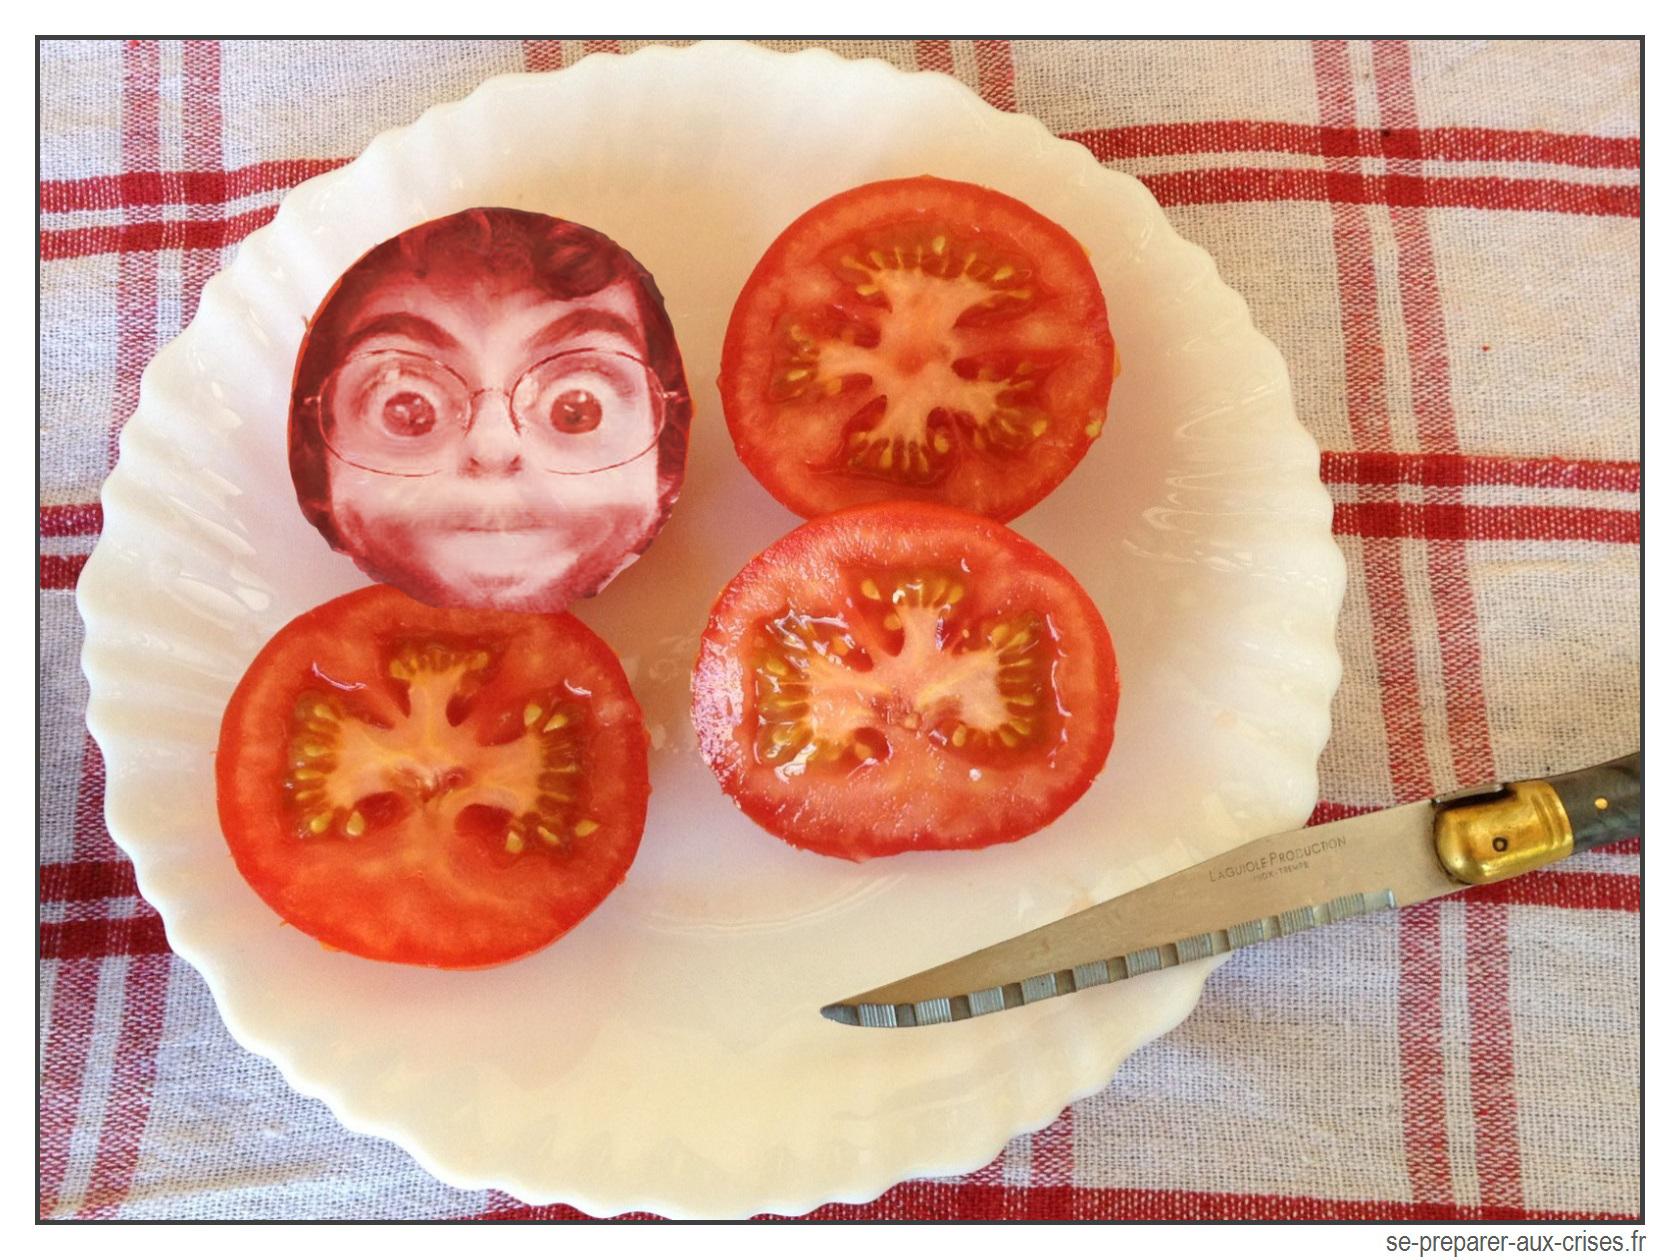 Tomates avec visage de Pierre